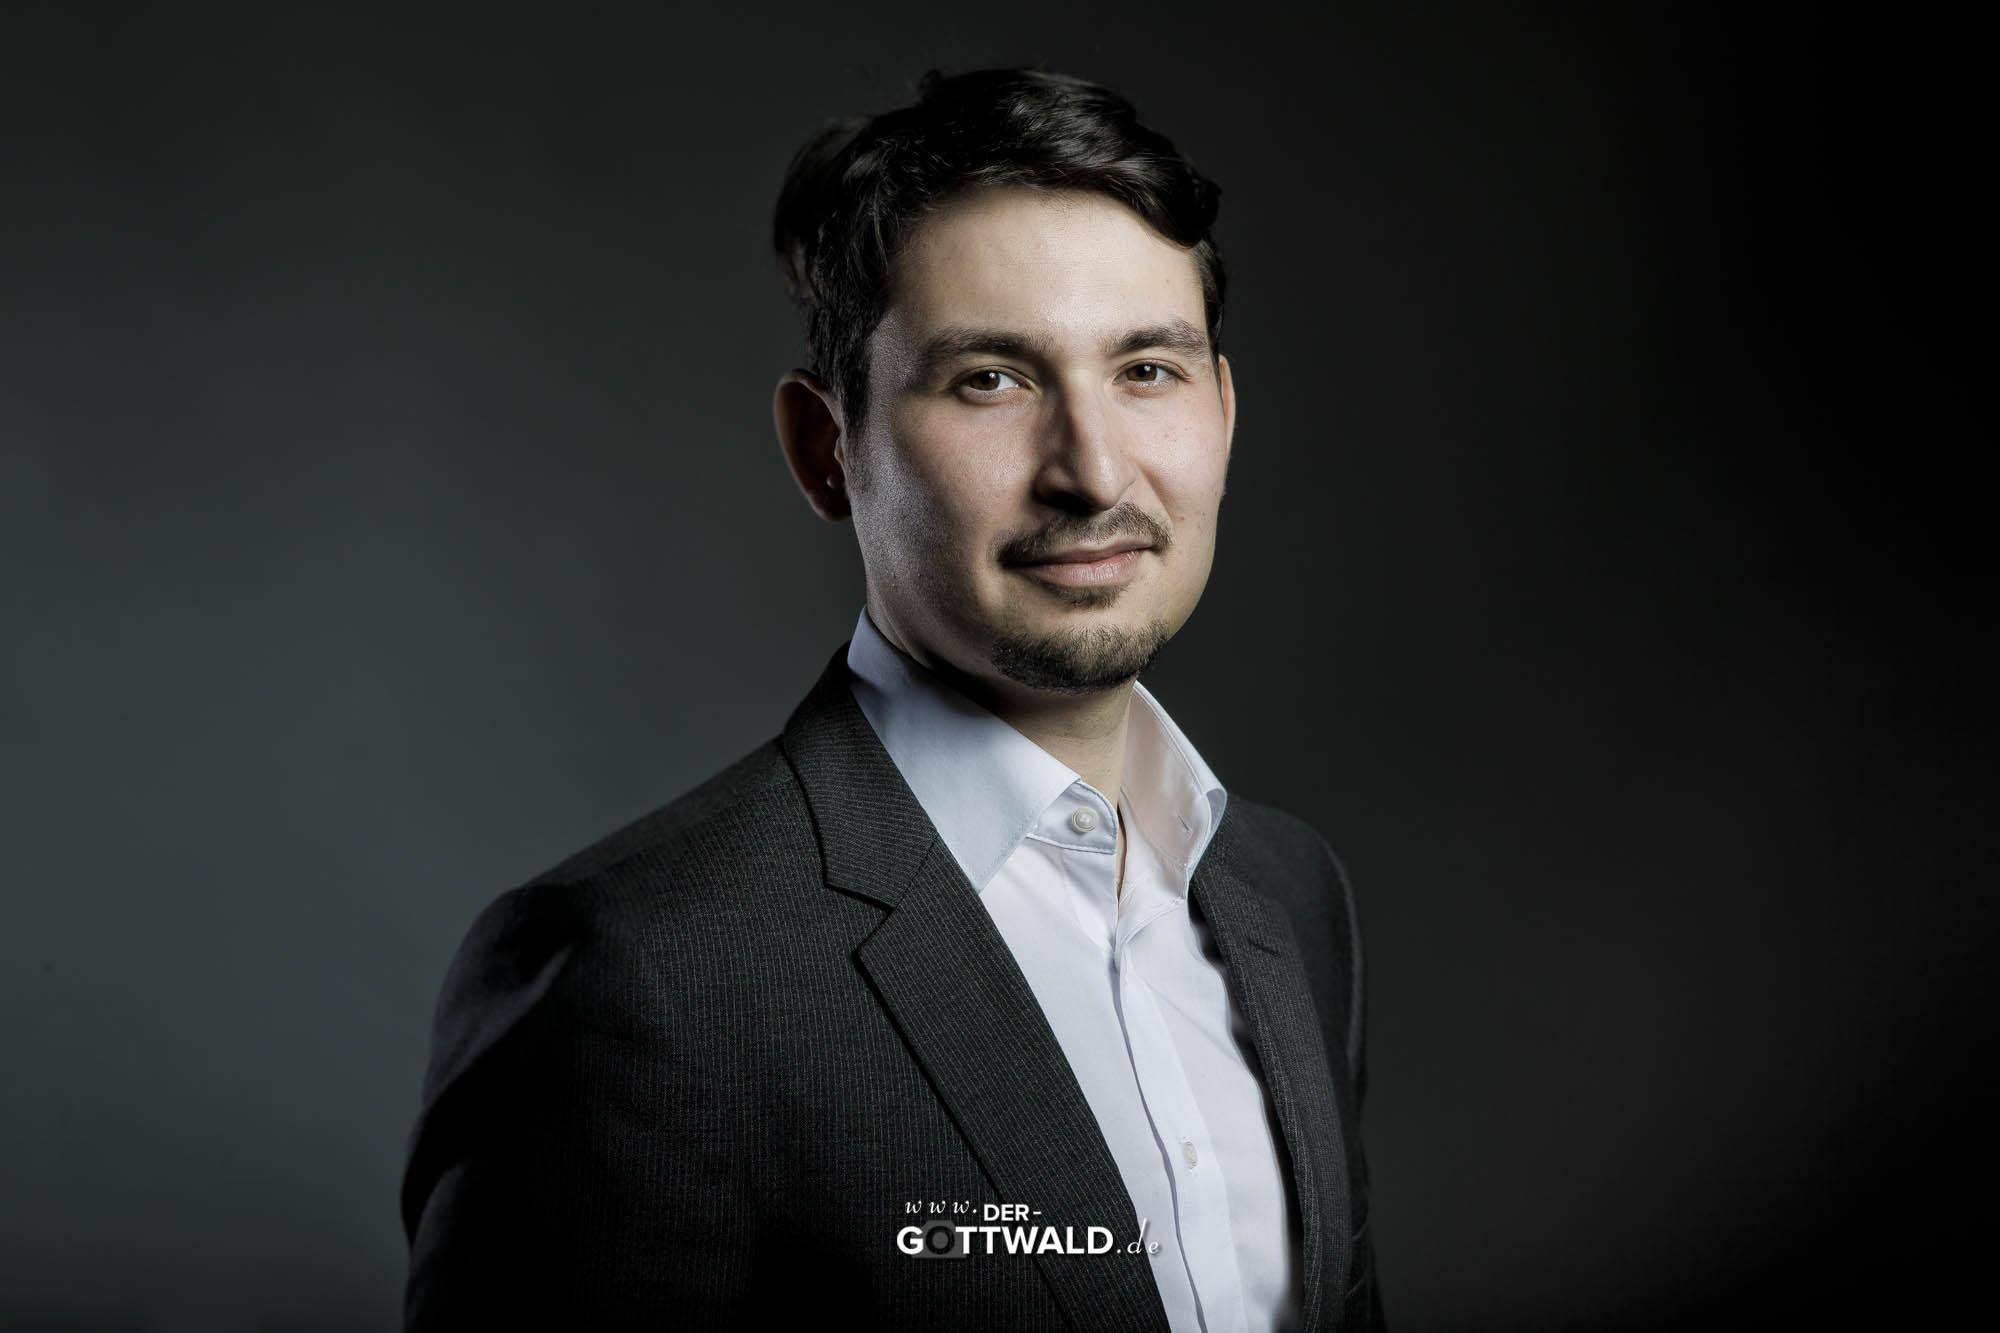 der-gottwaldDE - Business-Portrait 18.jpg